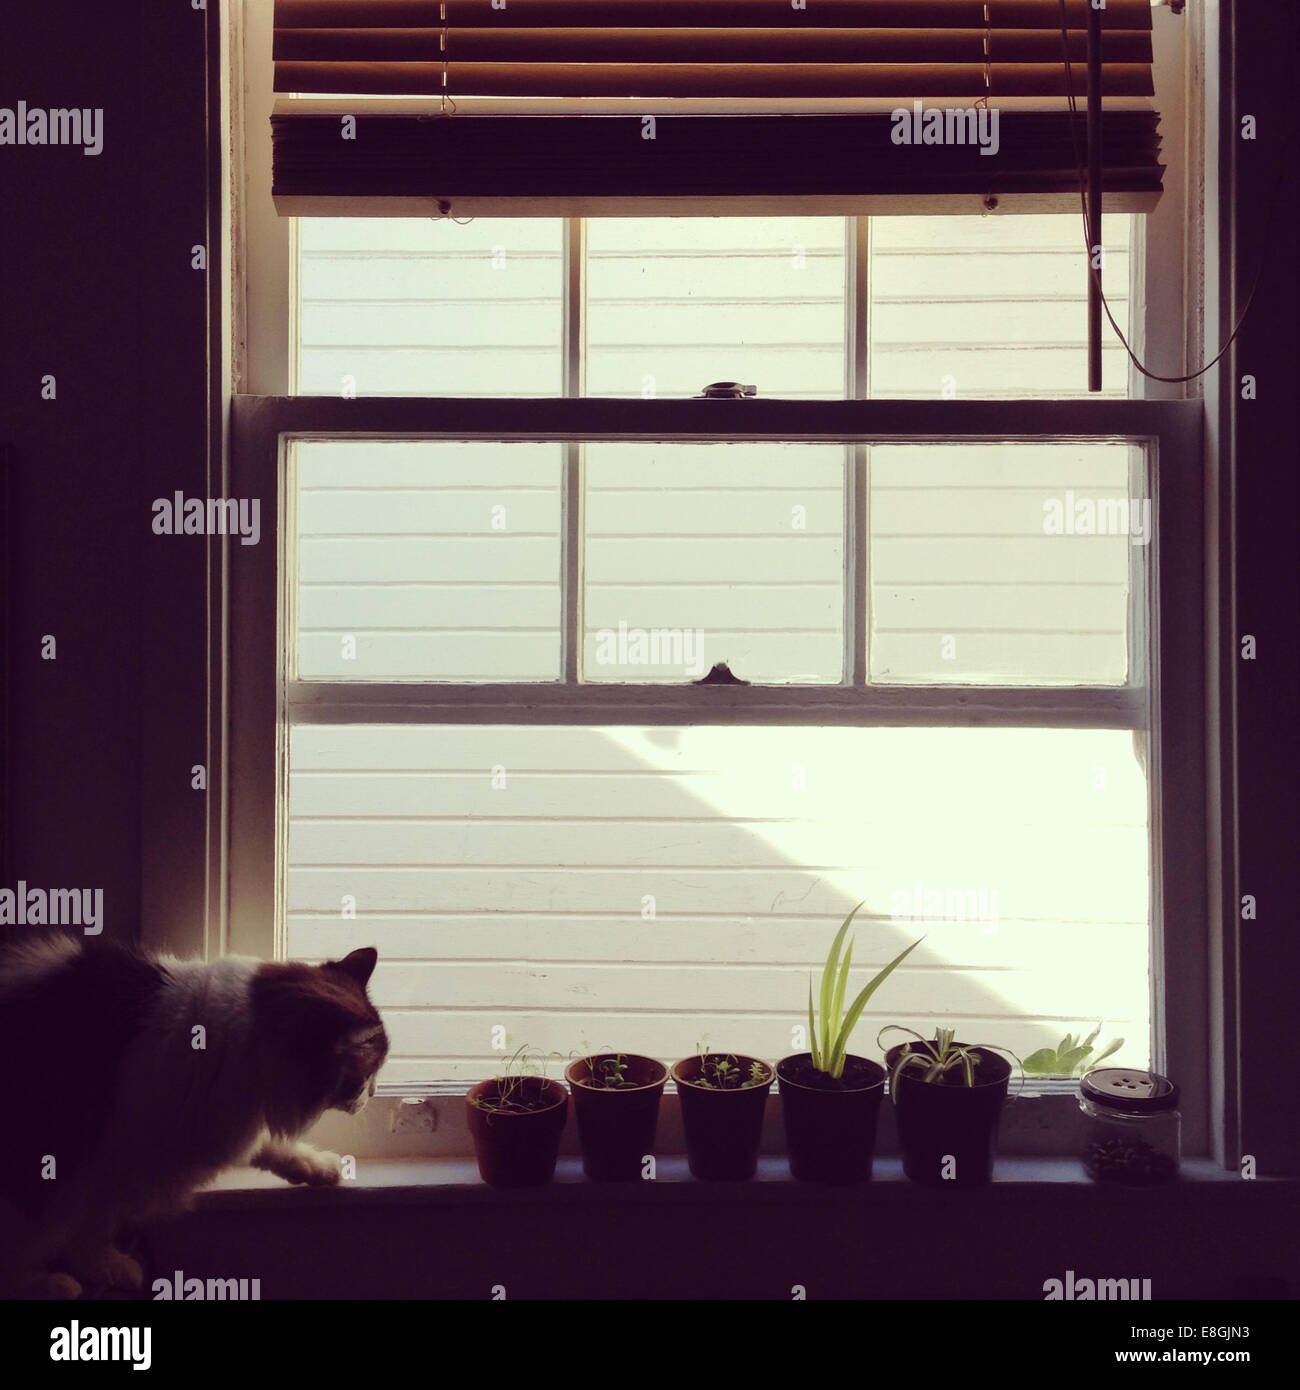 Katze auf der Fensterbank mit Pflanzkübel Stockbild